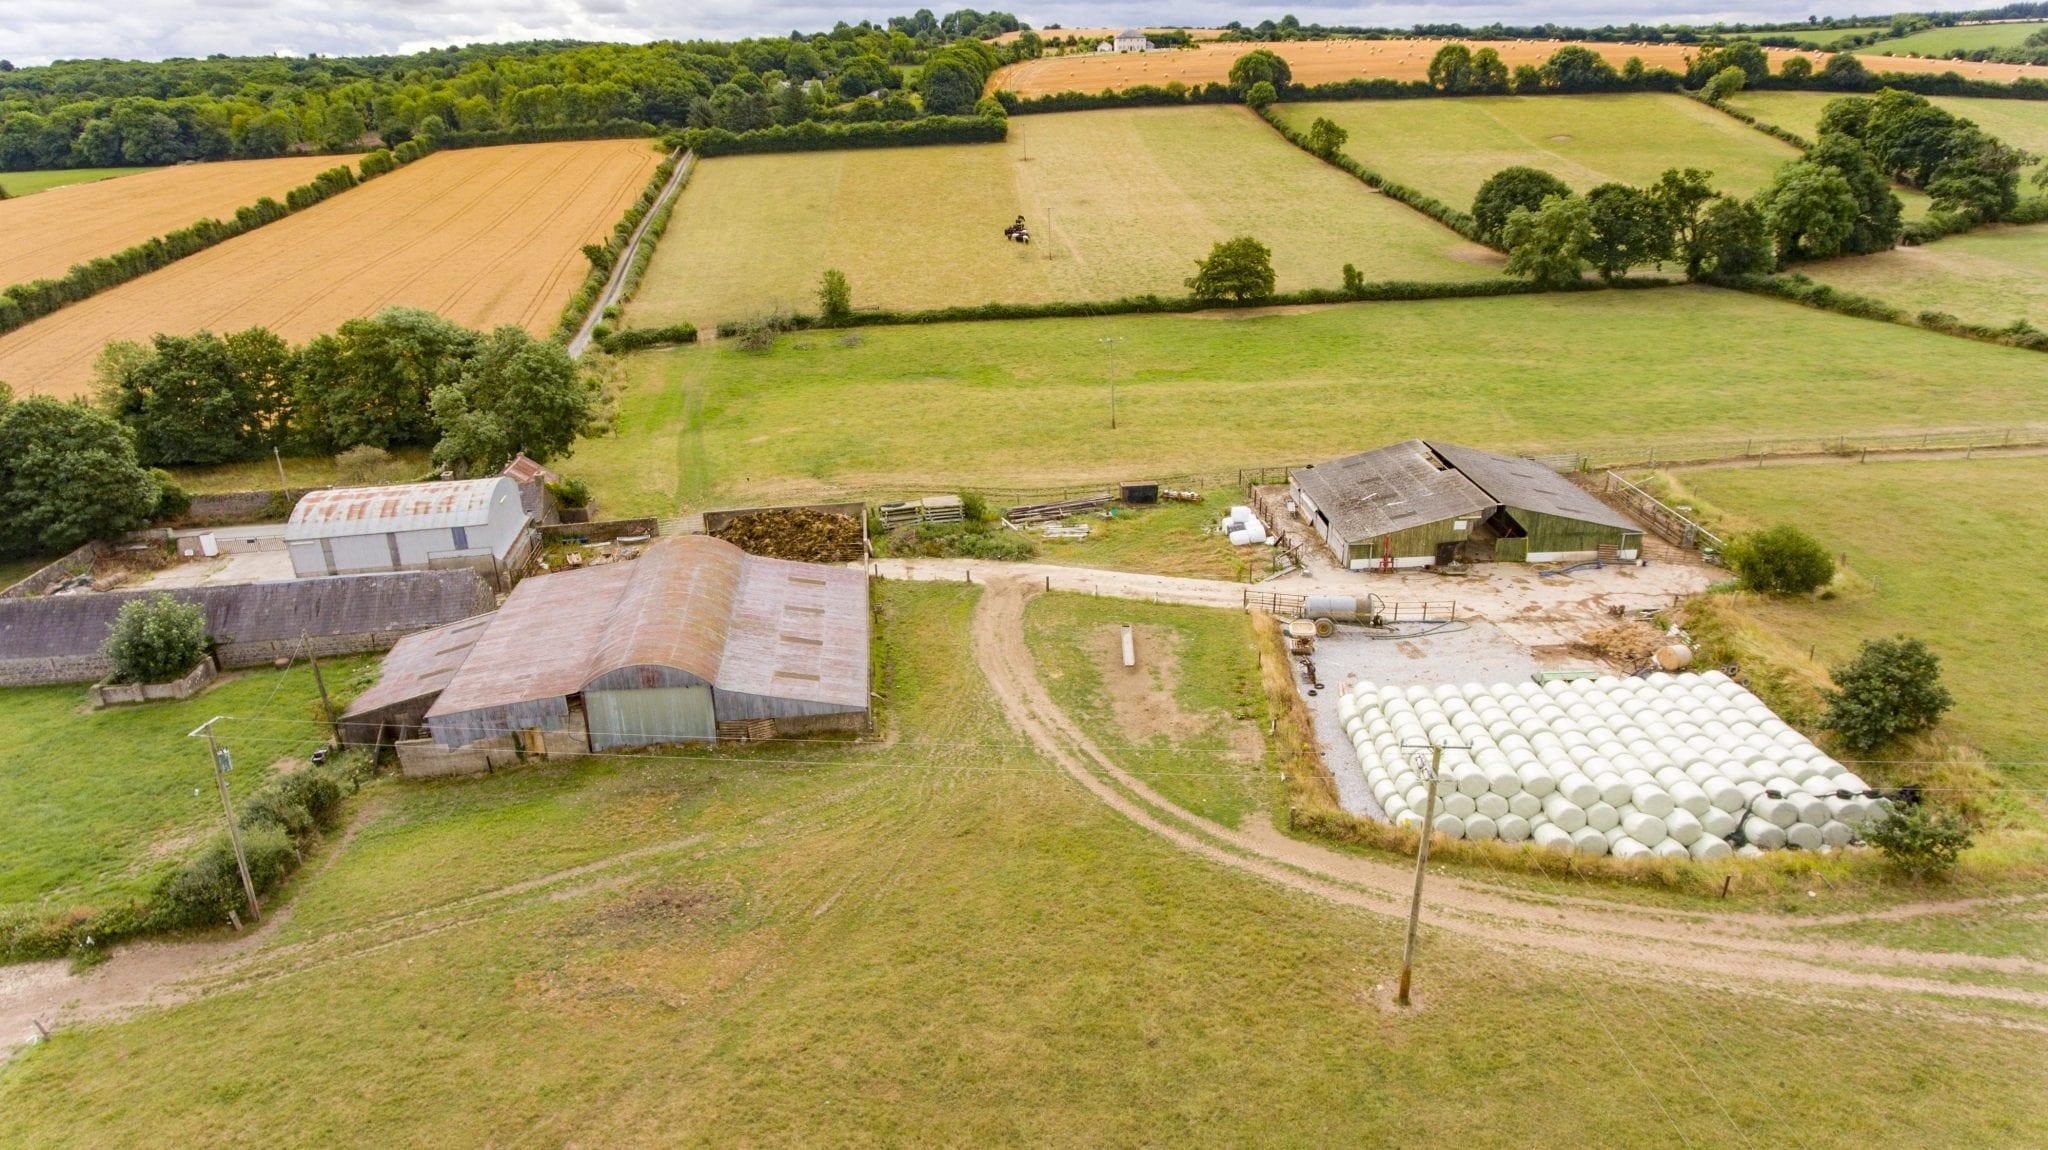 5. Farmyard